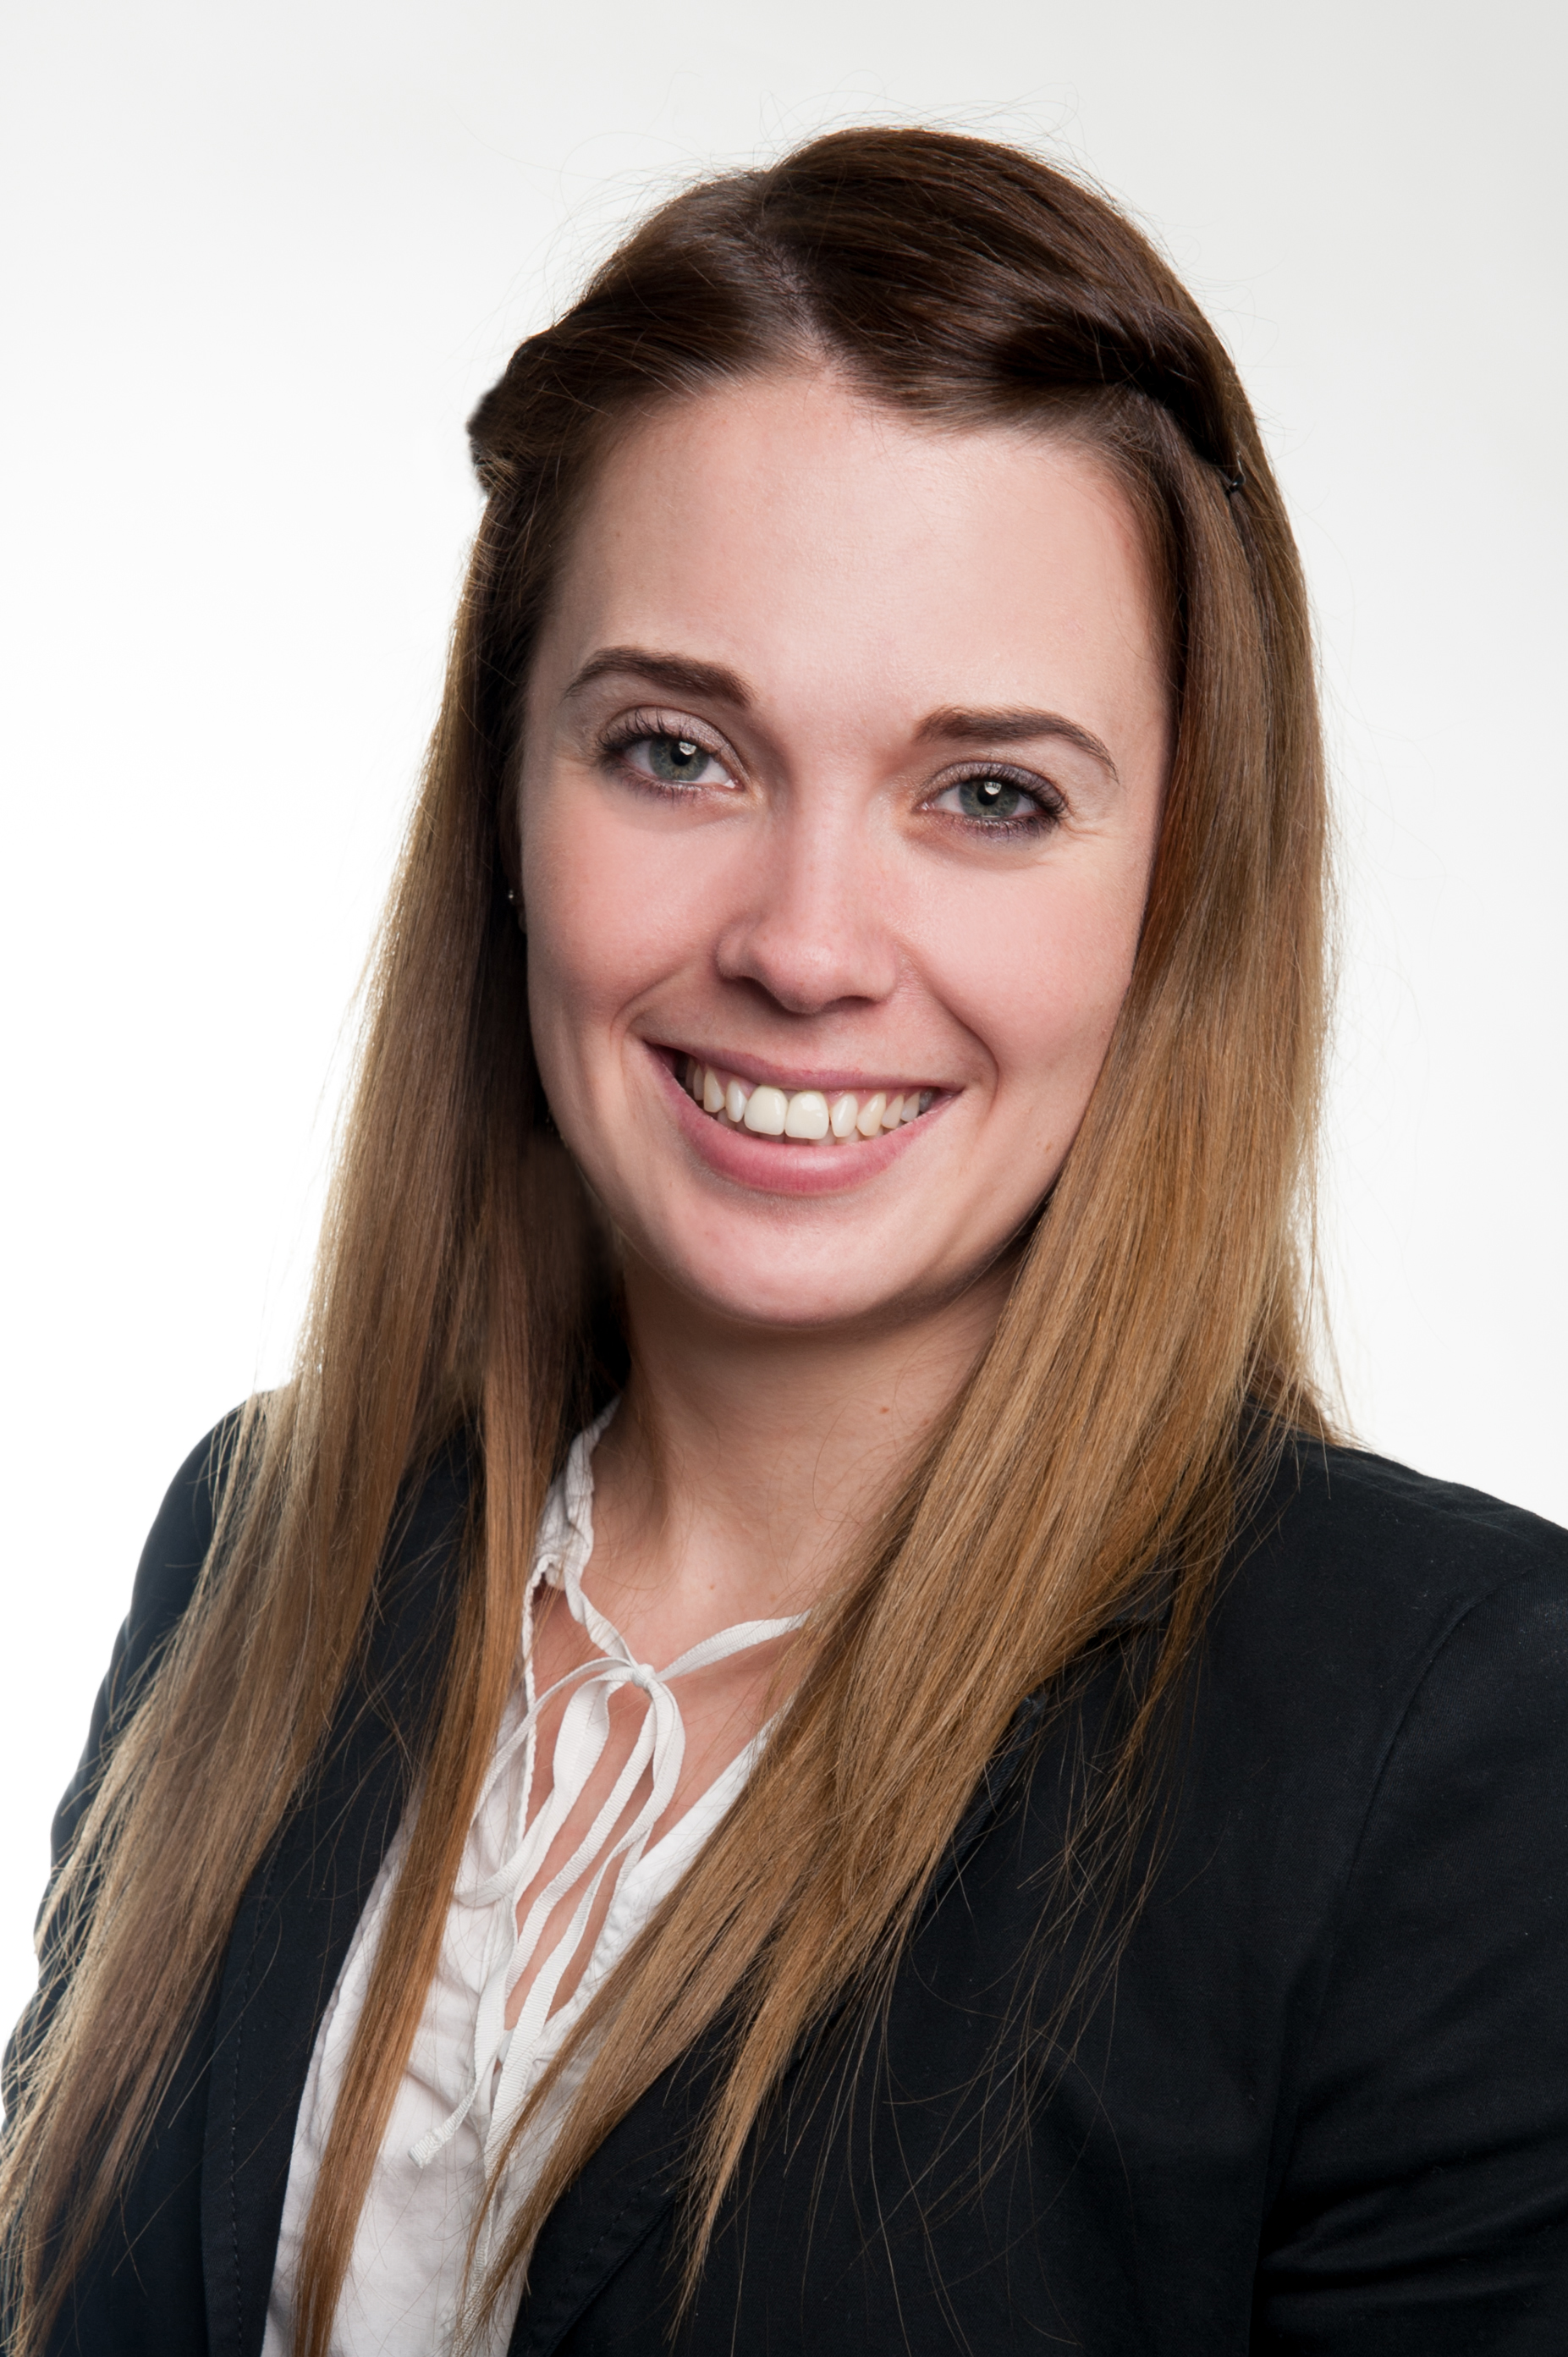 Bianca Krughöfer